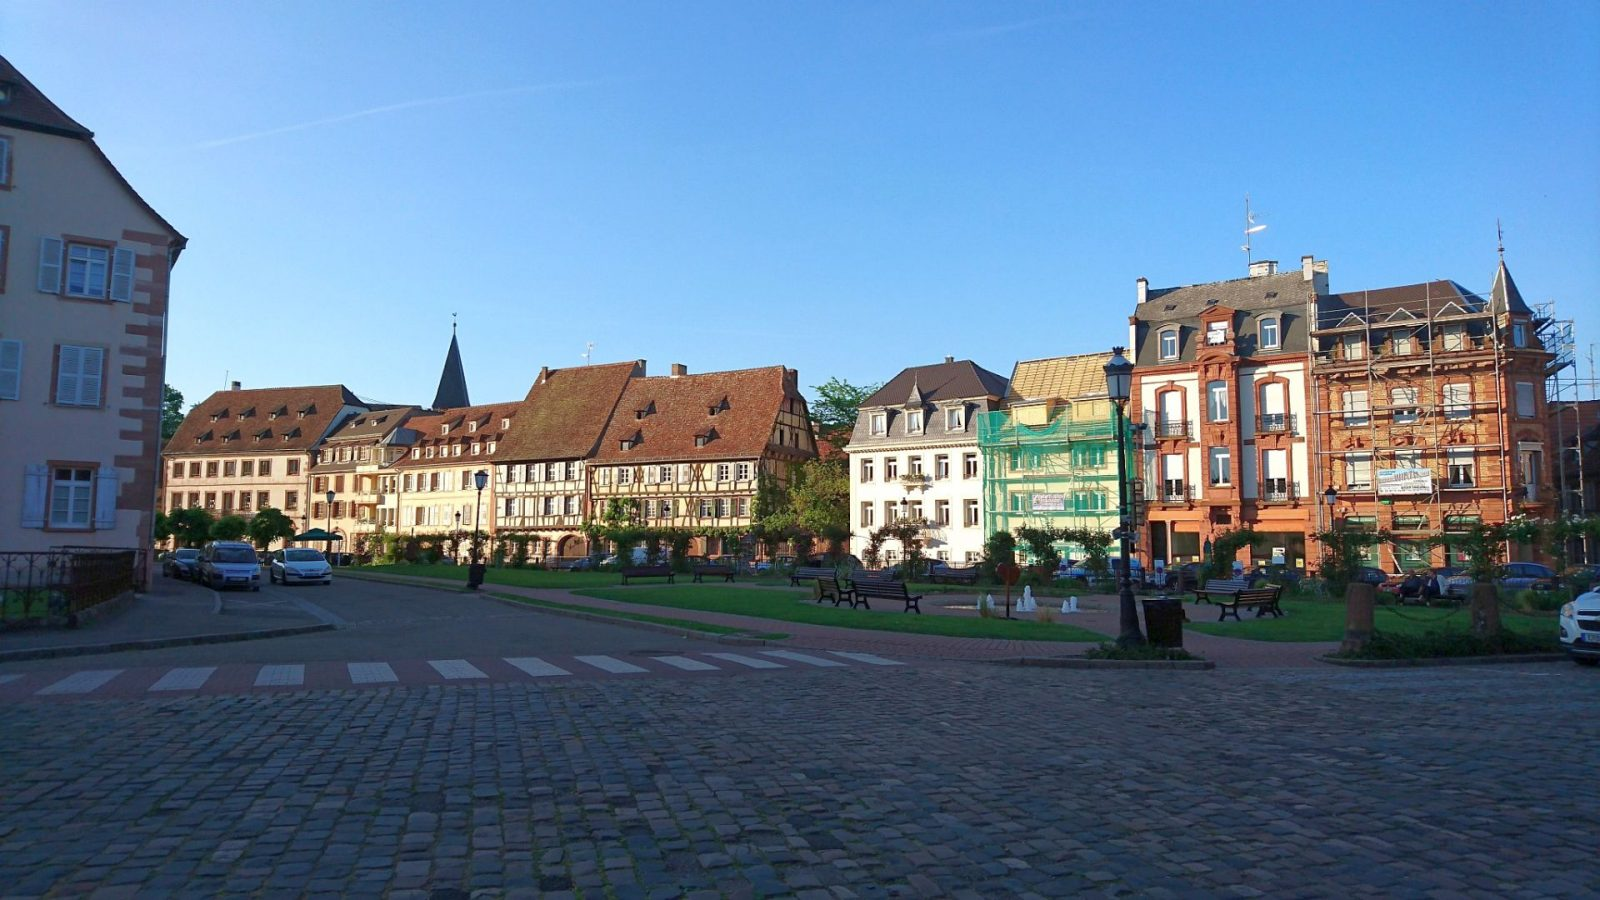 Häusersilhouette im Abendlicht in Wissembourg